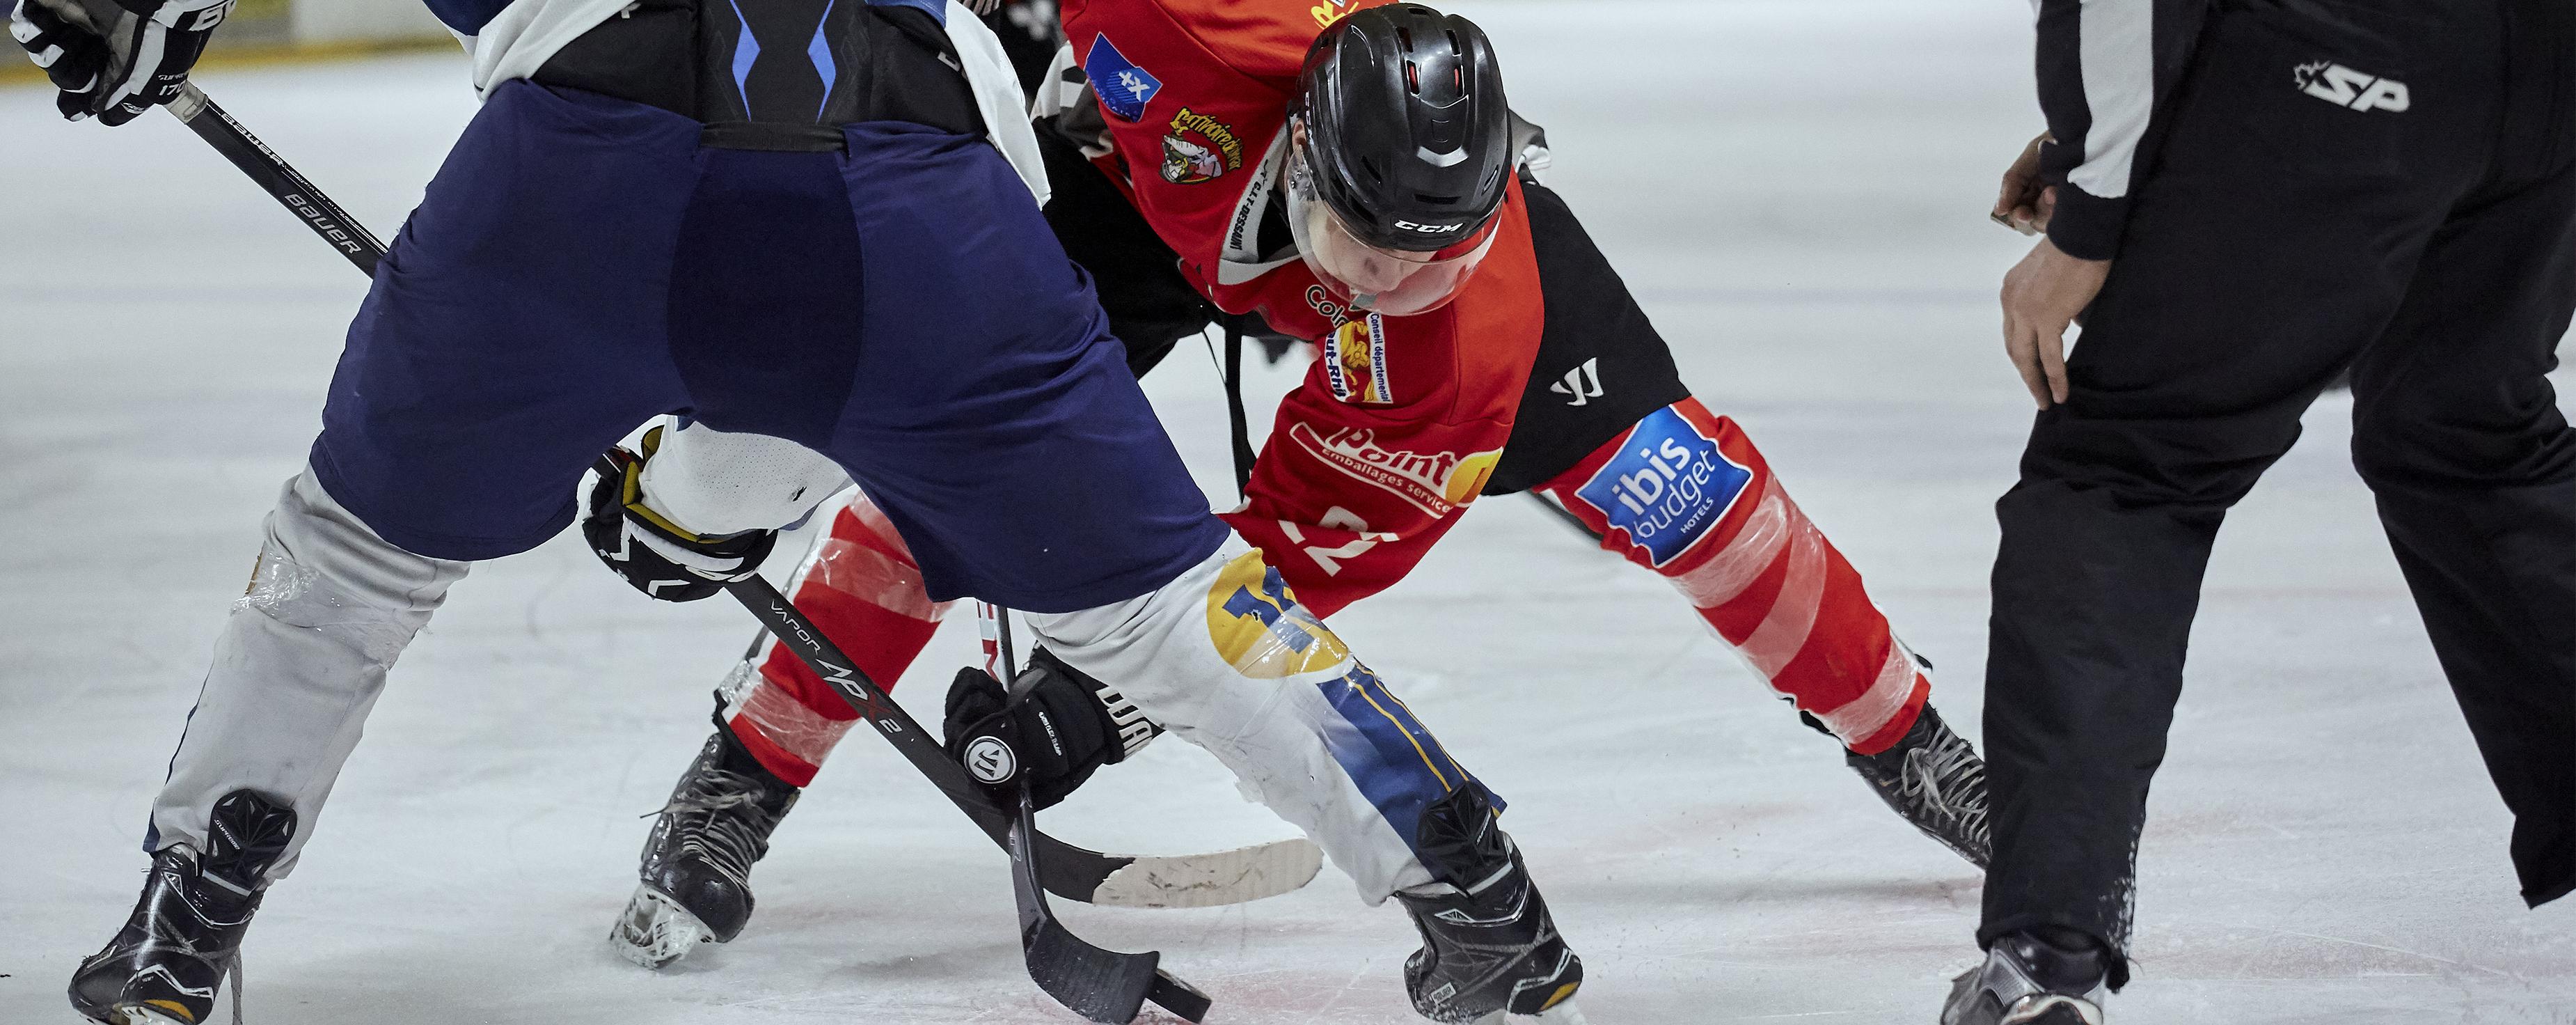 Cours/Clubs de Hockey et patinage